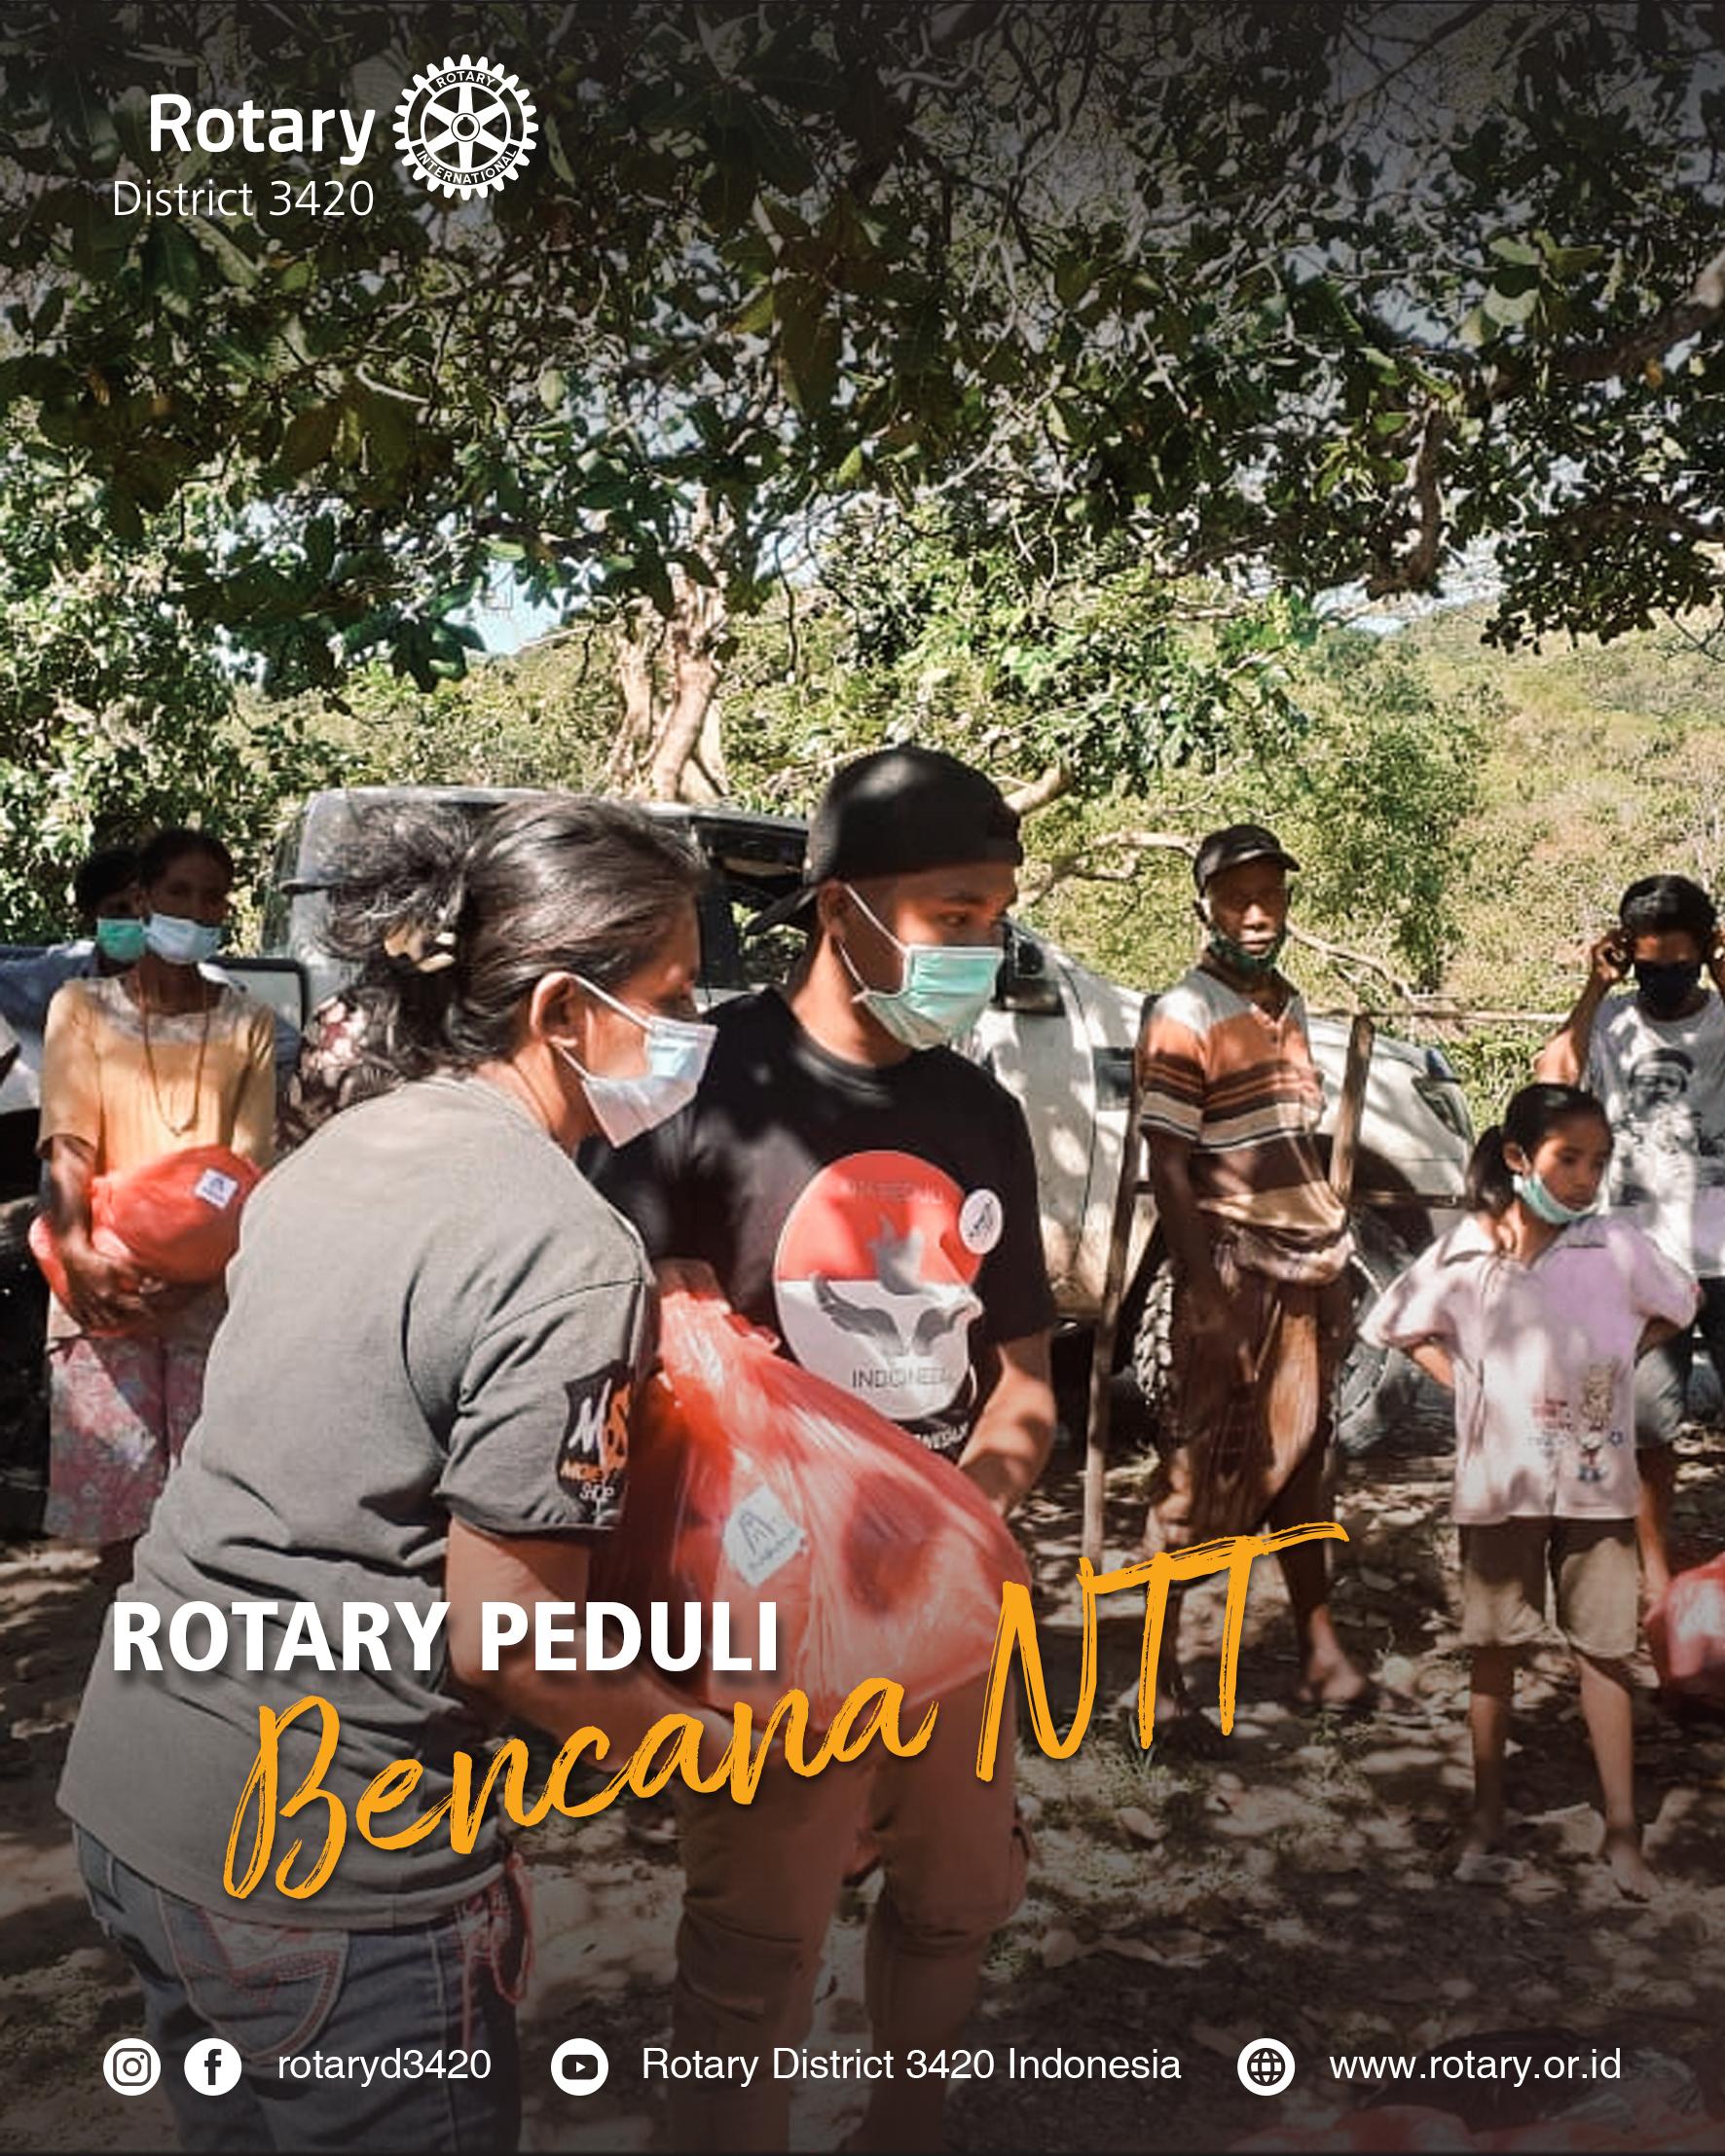 Rotary Peduli Bencana NTT